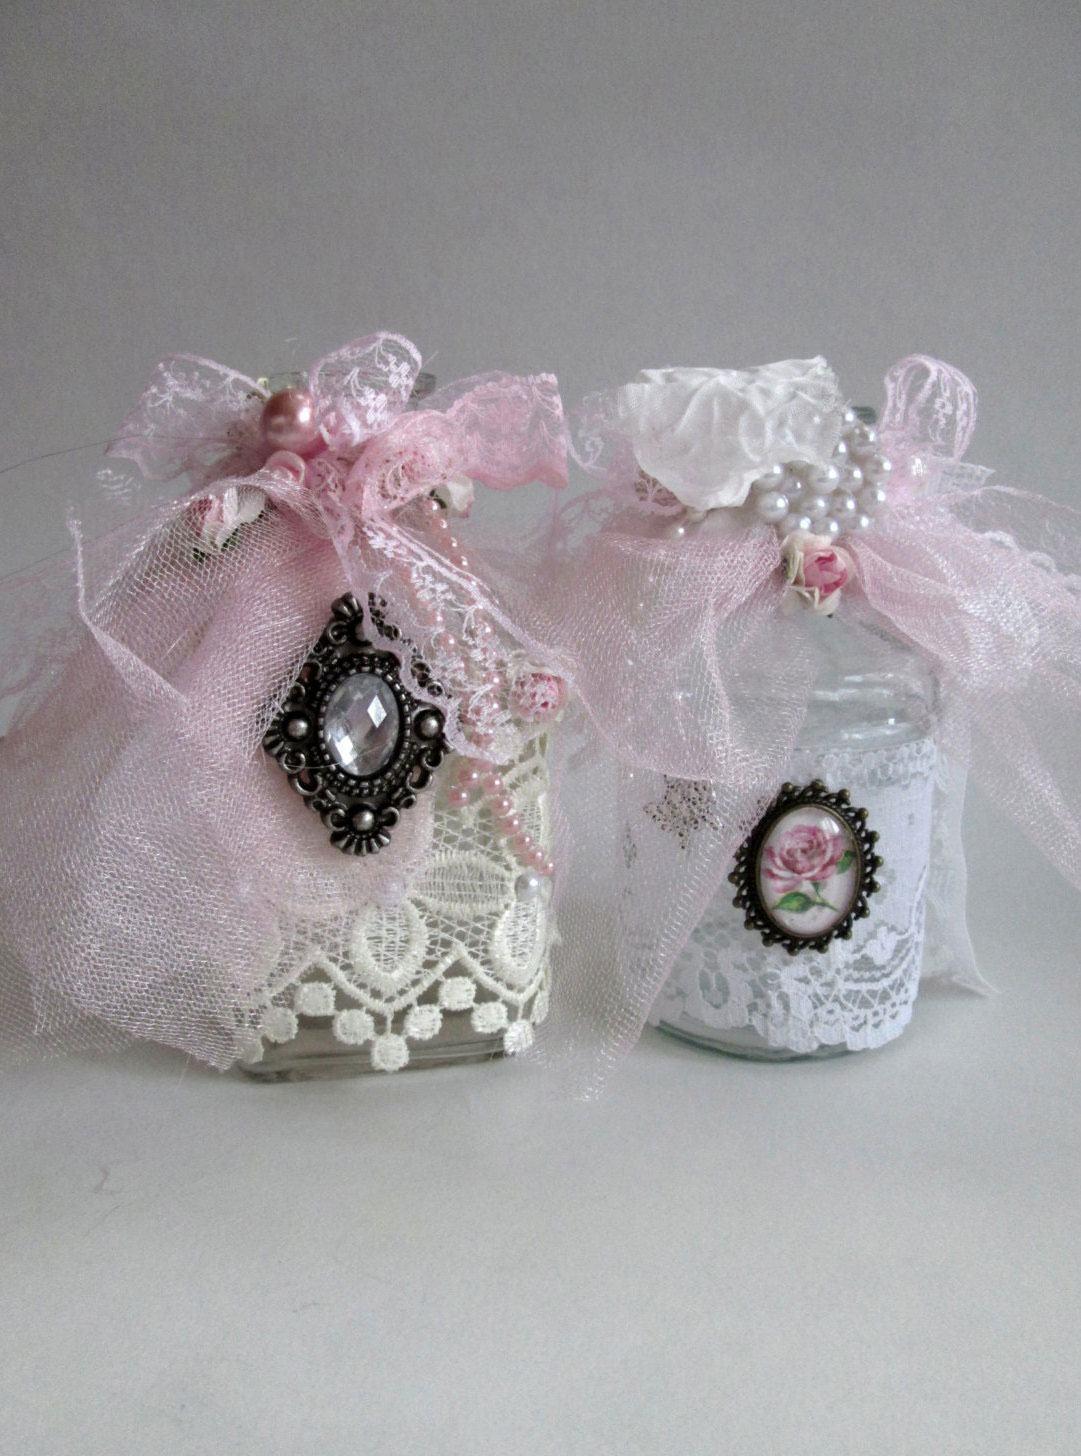 Lindos frascos decorados com renda e laços rosas com pérolas